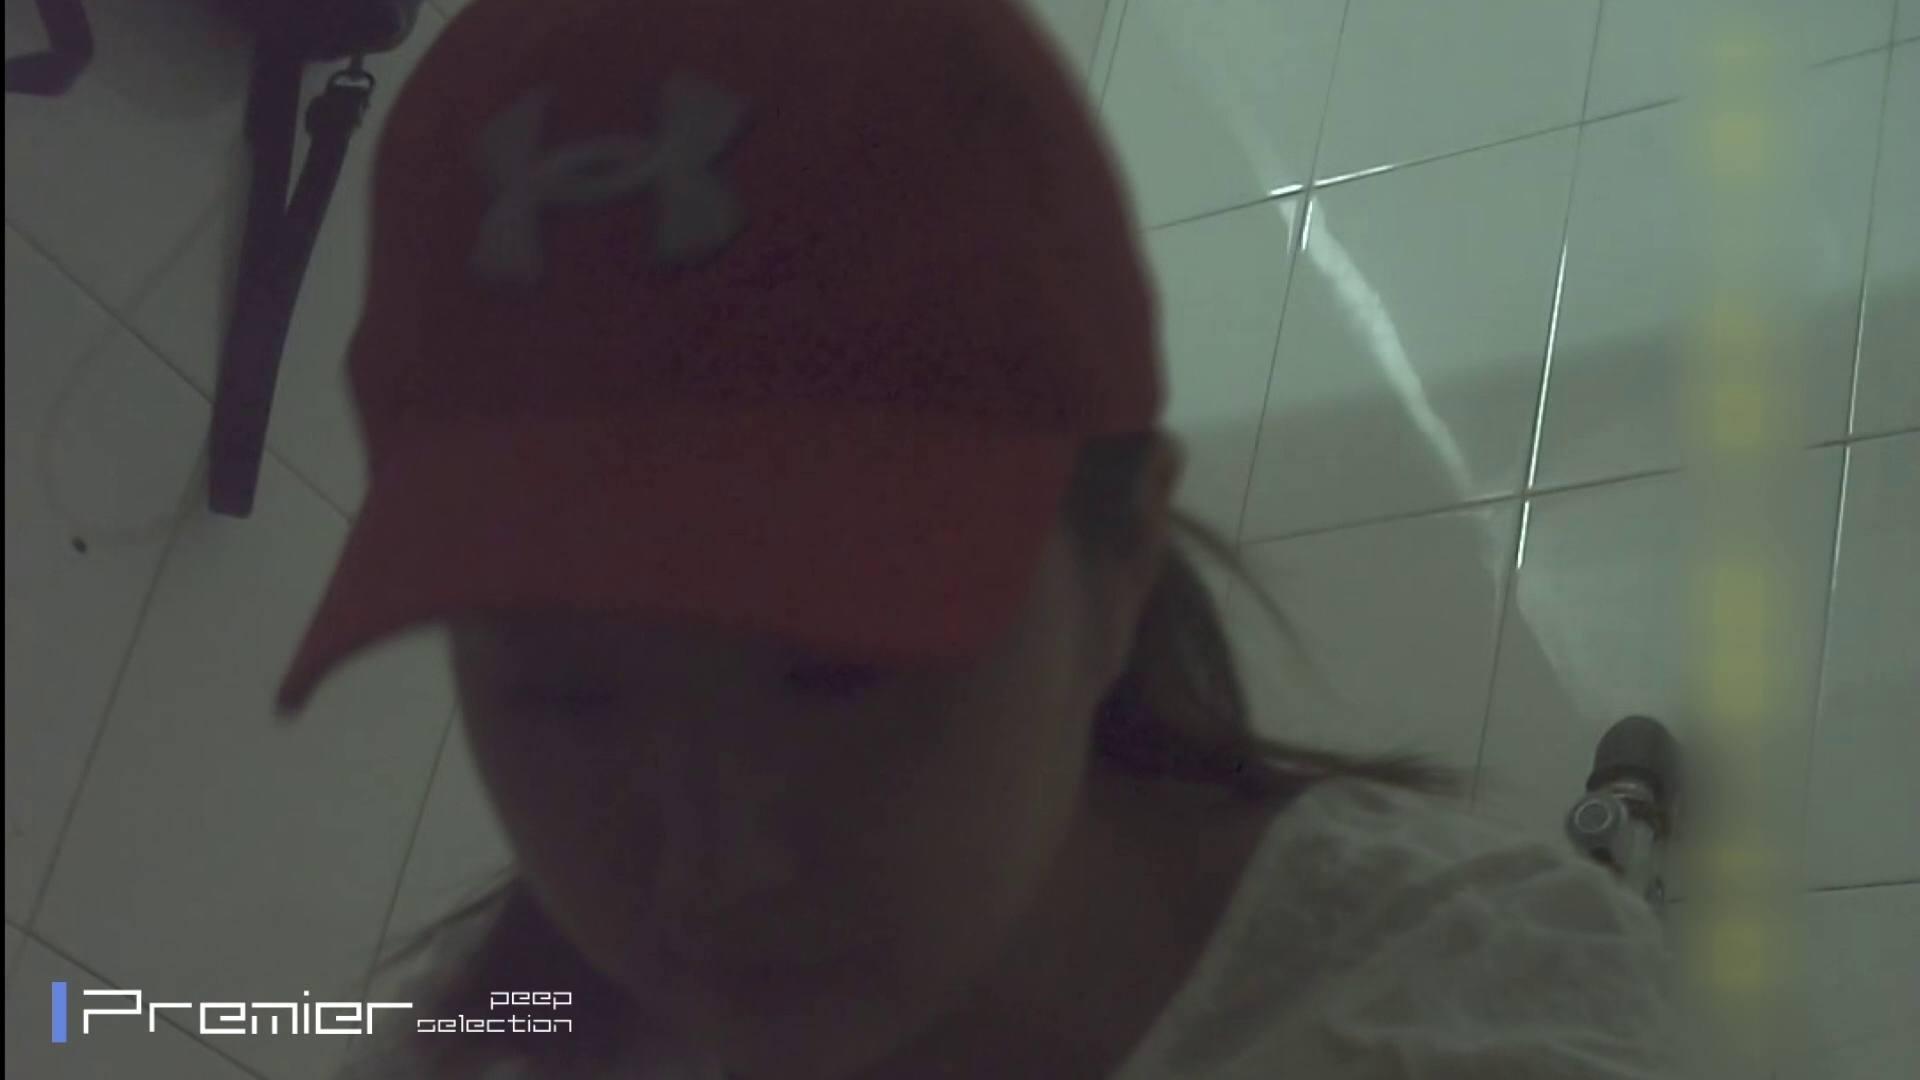 トイレシーンを密着盗撮!! 美女の痴態に密着!Vol.30 トイレ  61pic 49